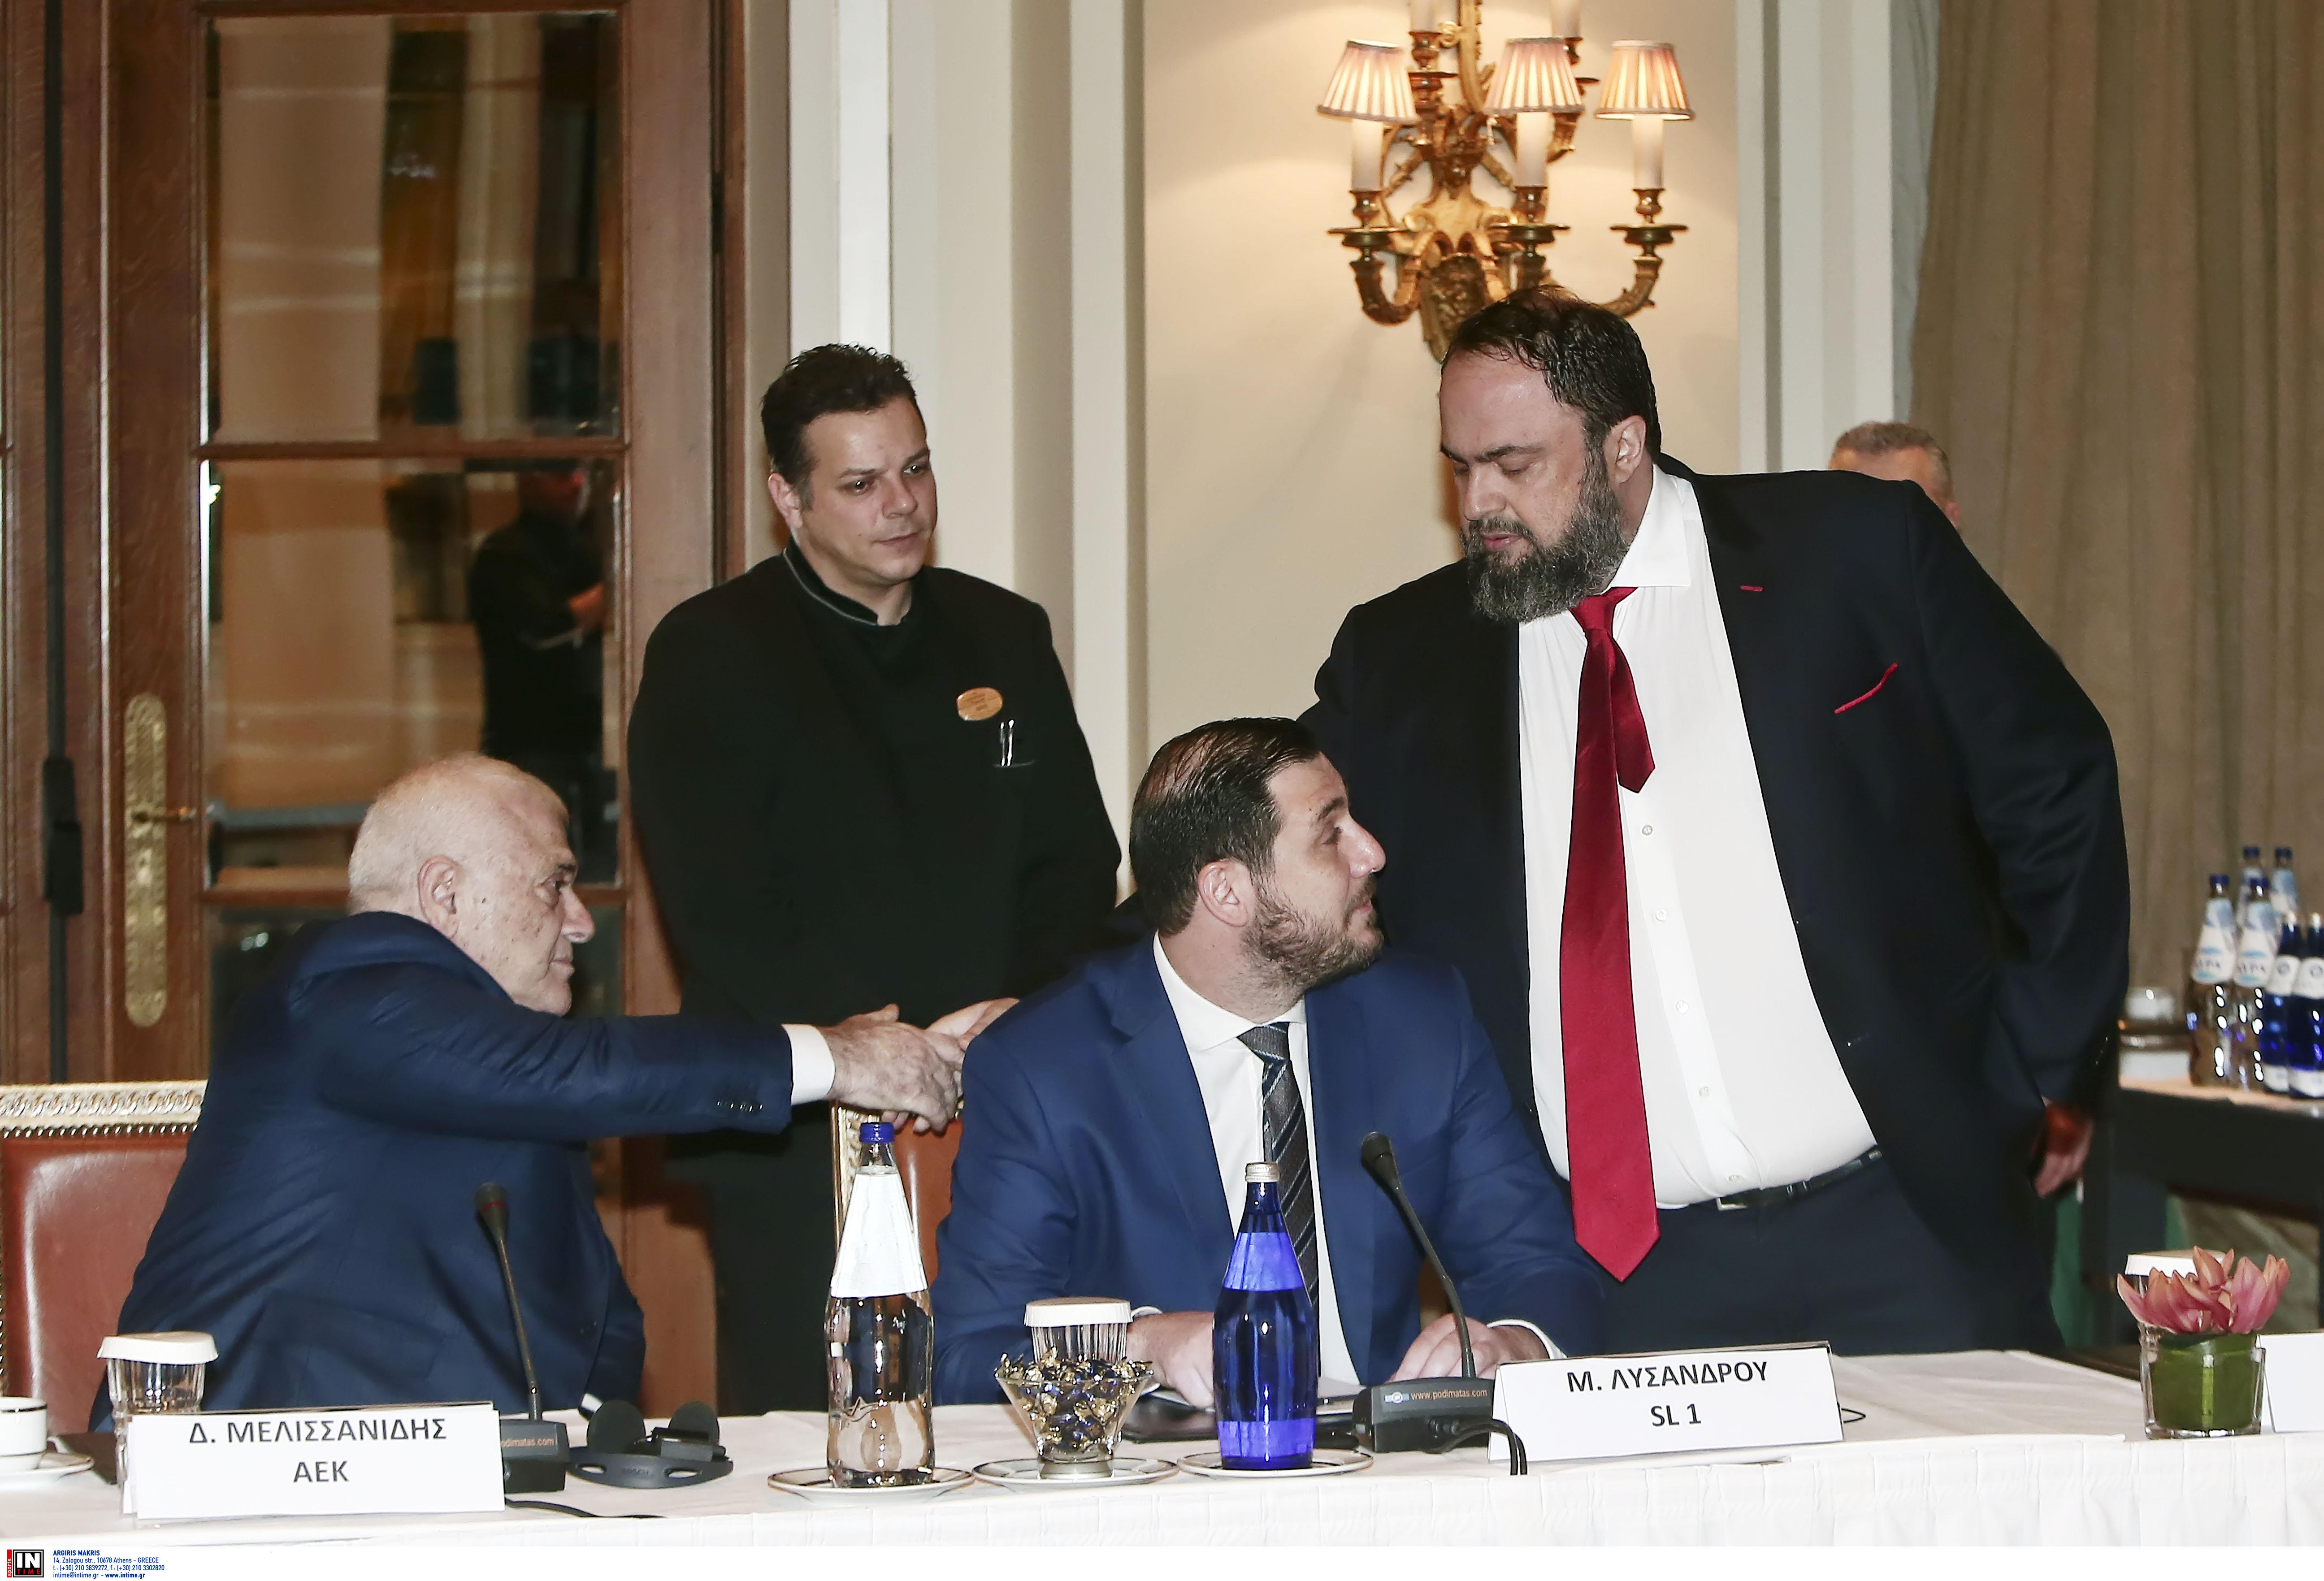 Μελισσανίδης Μαρινάκης